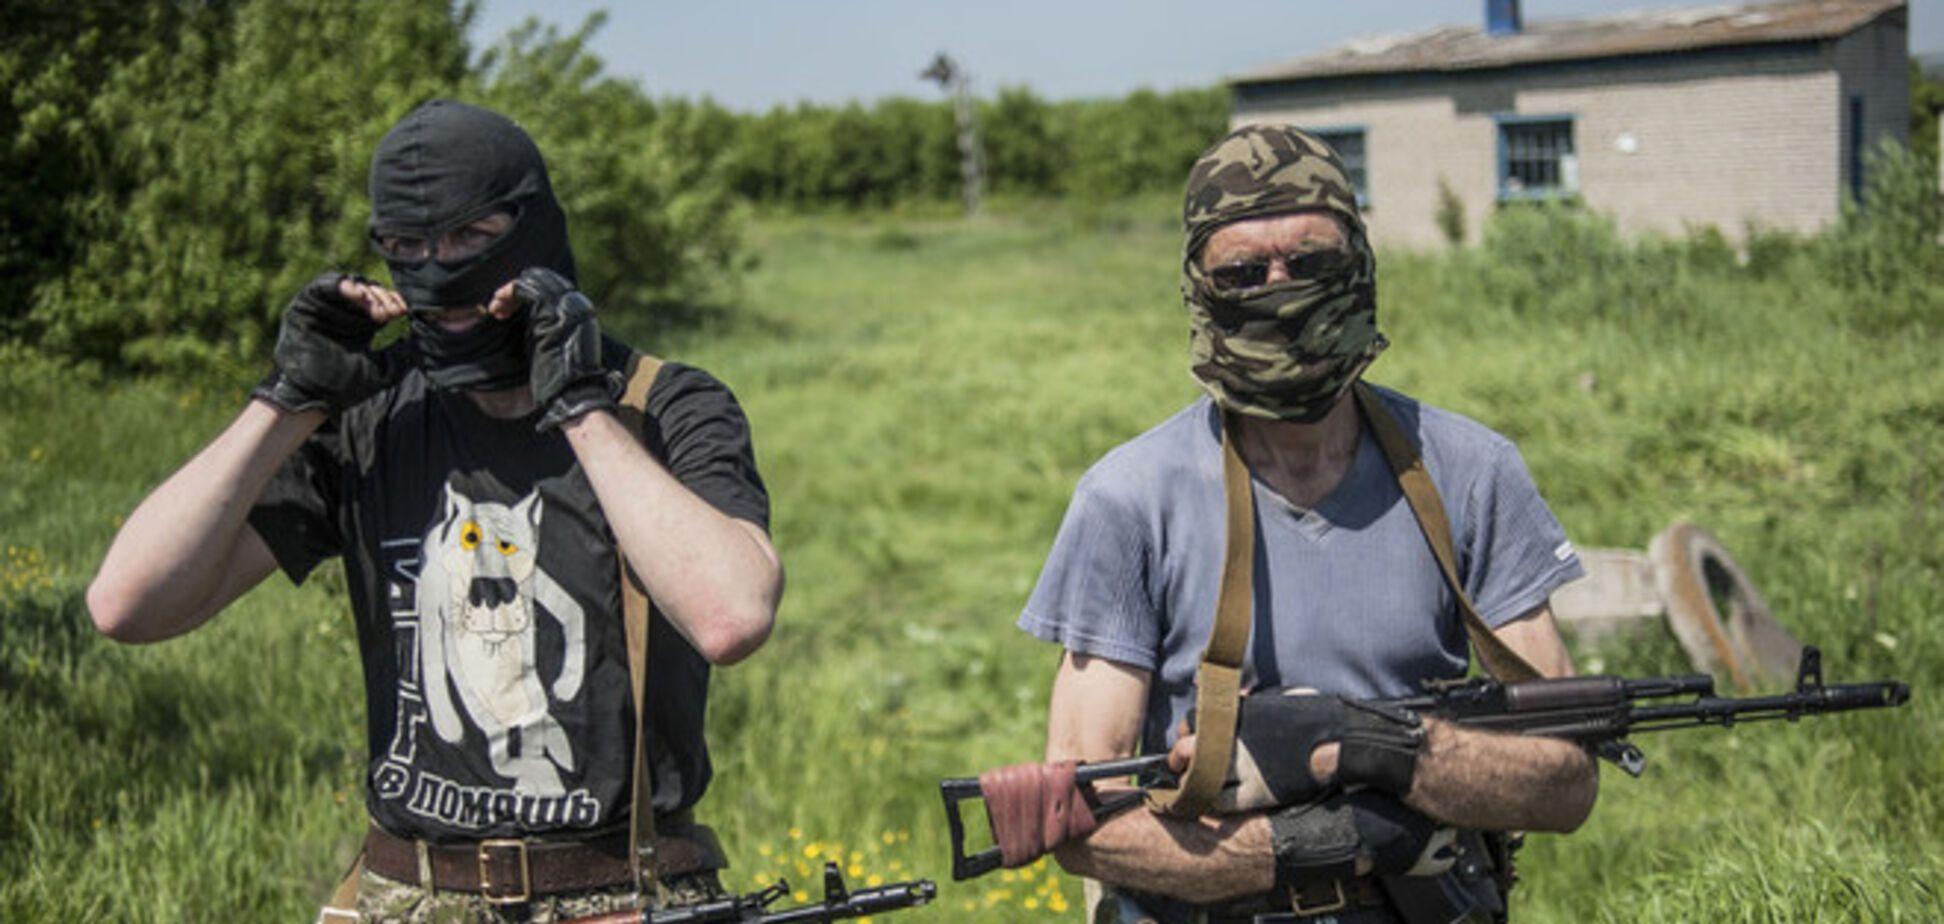 Террористы расстреляли фермера за 'связь' с 'Правым сектором' - журналист